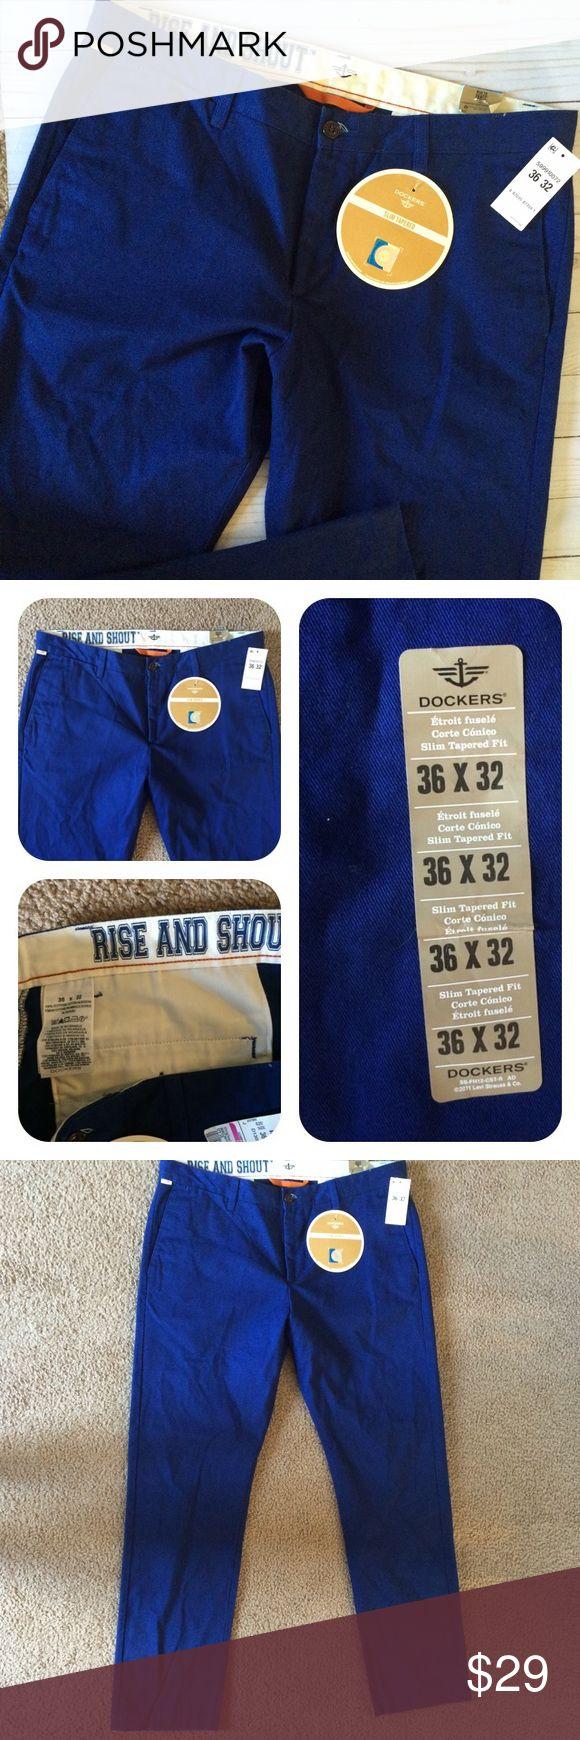 Dockers Game Day Yale Blue Khaki Pants Men's 36x32 Yale Game Day Dockers Slim Fit & Tapered Yale Blue Khaki Pants Dockers Pants Chinos & Khakis